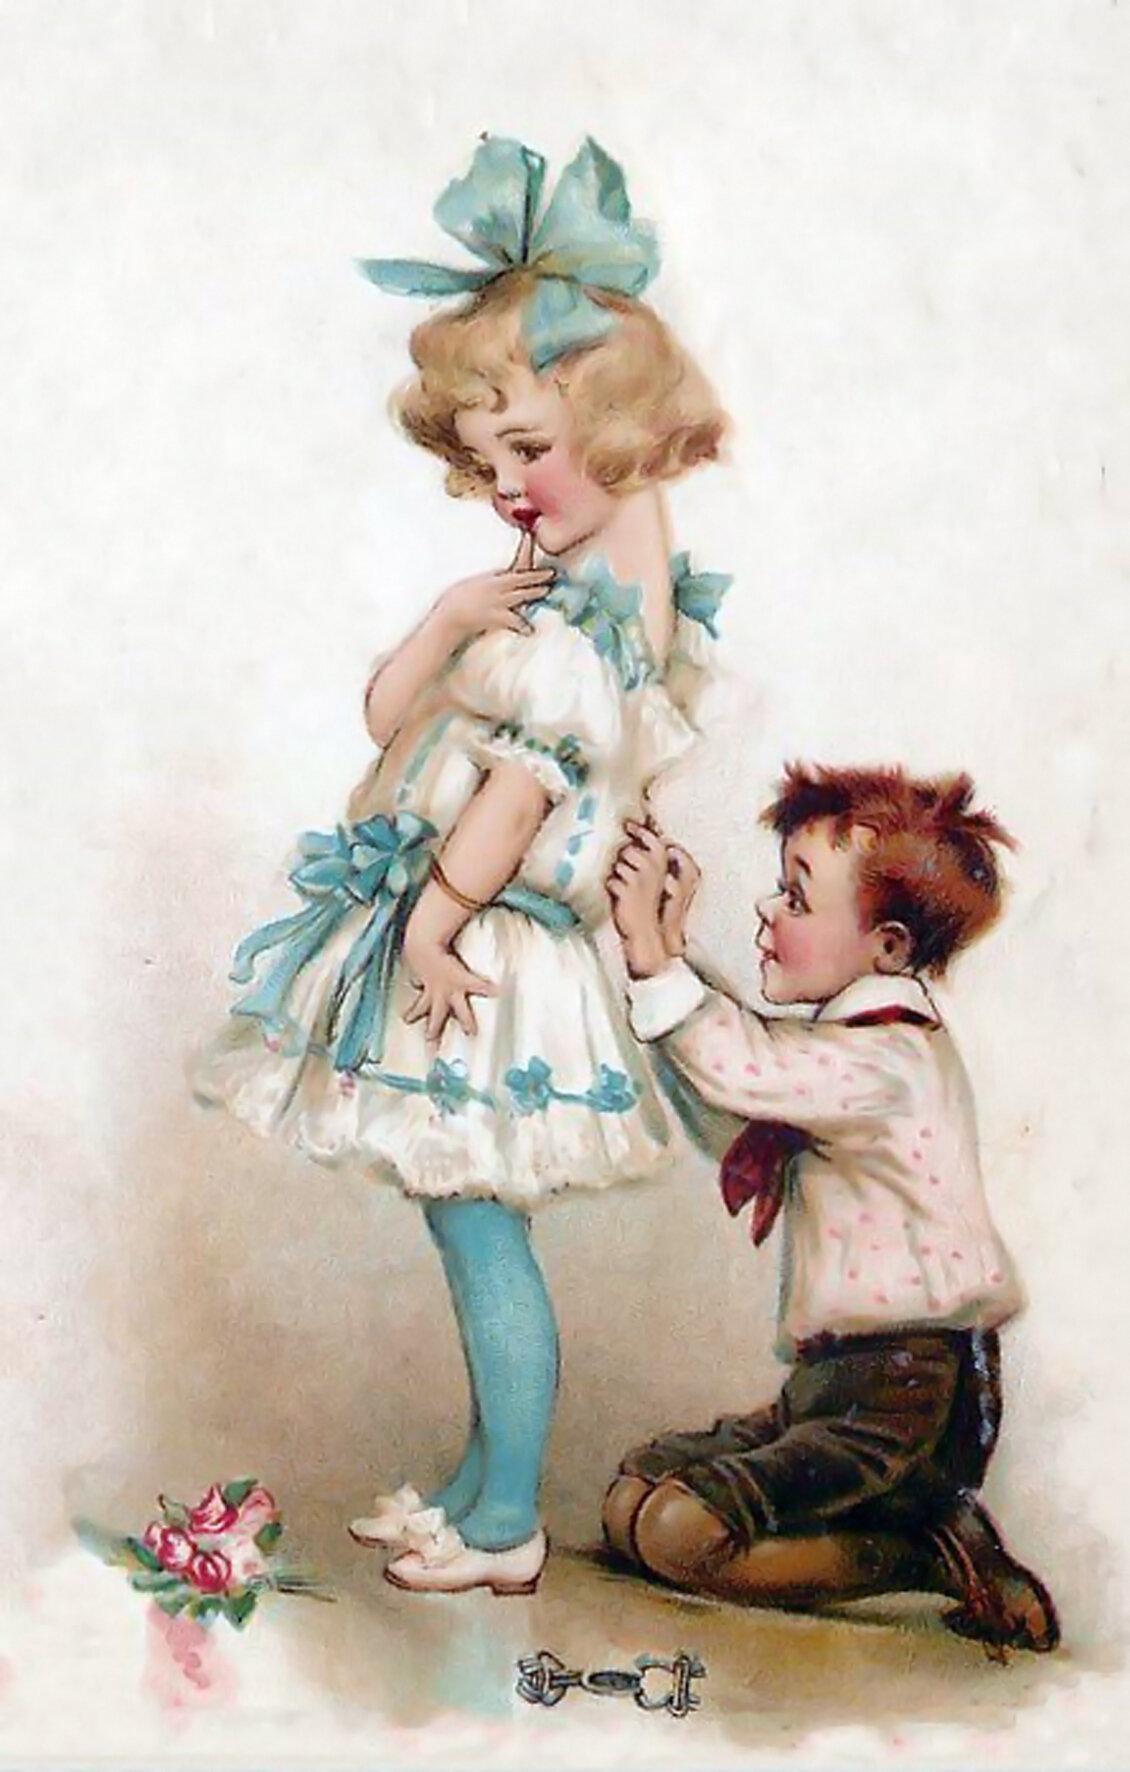 Нарисованные старинные картинки с детьми